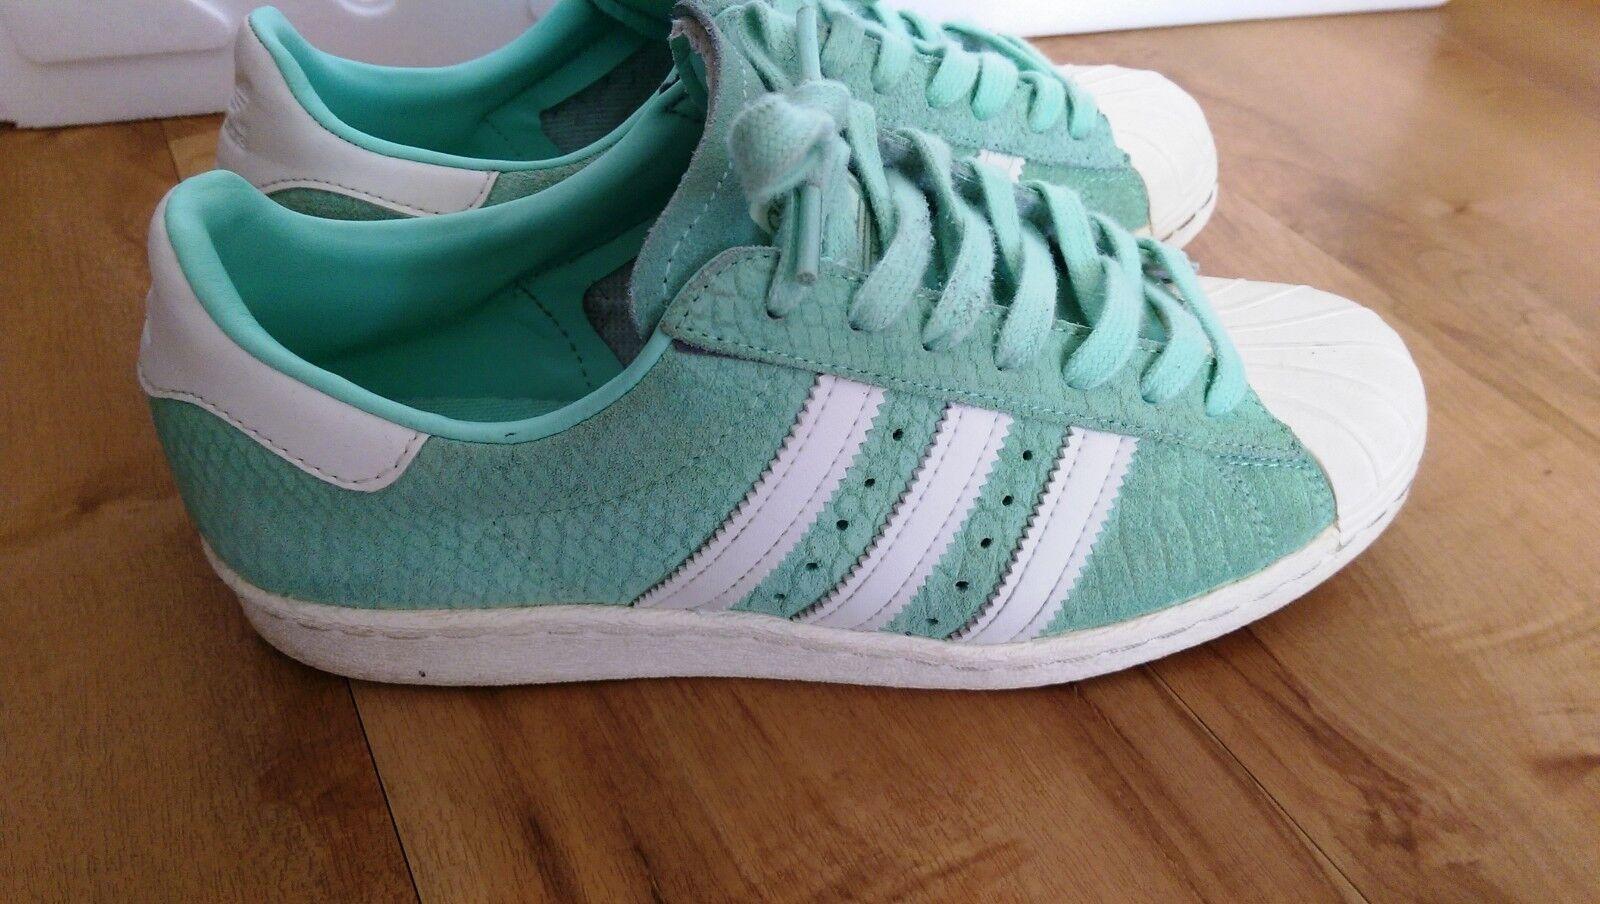 Adidas Superstar hellgrün Wildleder gr. 39 1 3